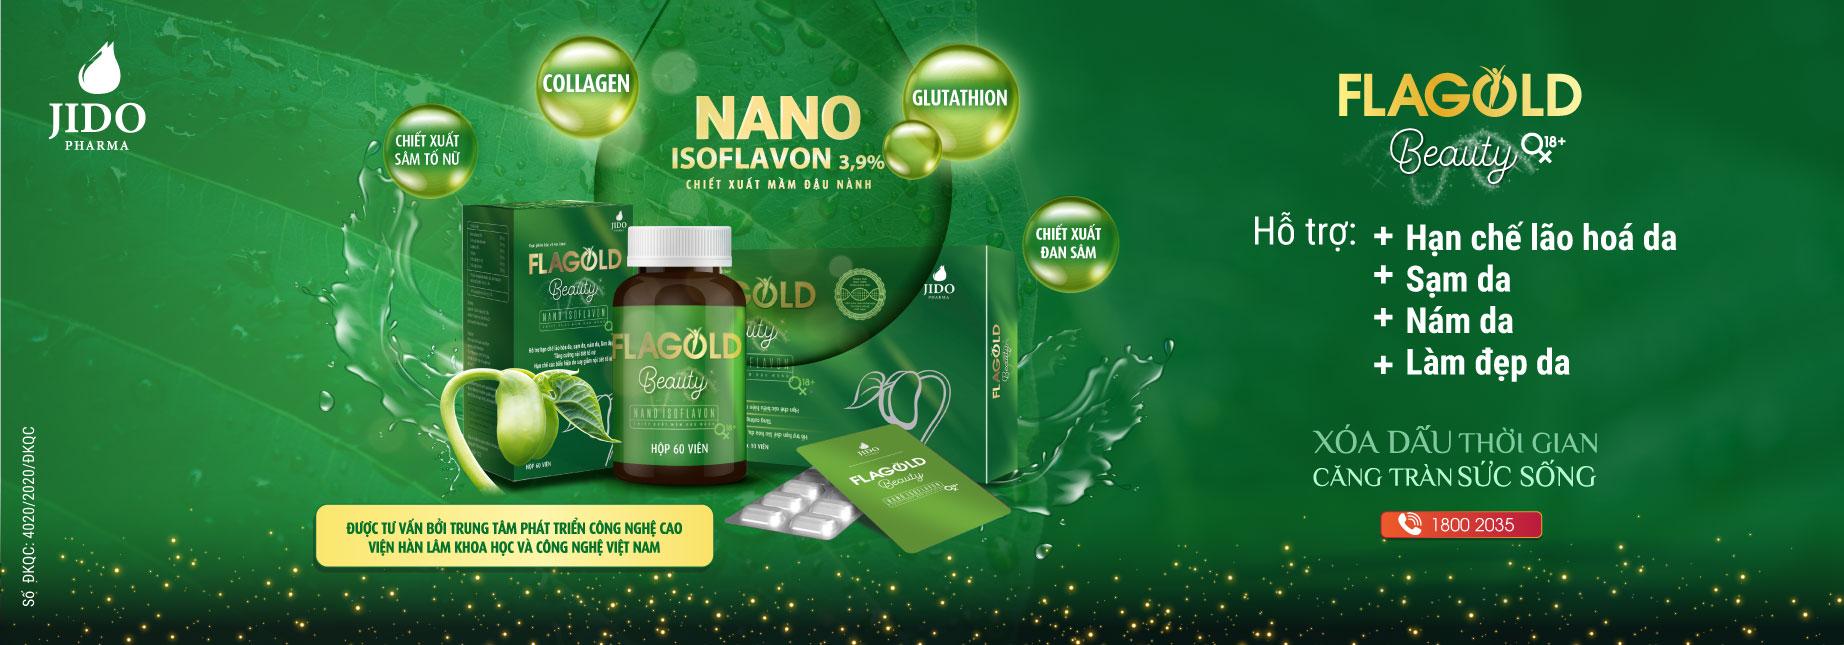 Nano mầm đậu nành FlaGold   Xóa dấu thời gian căng tràn sức sống